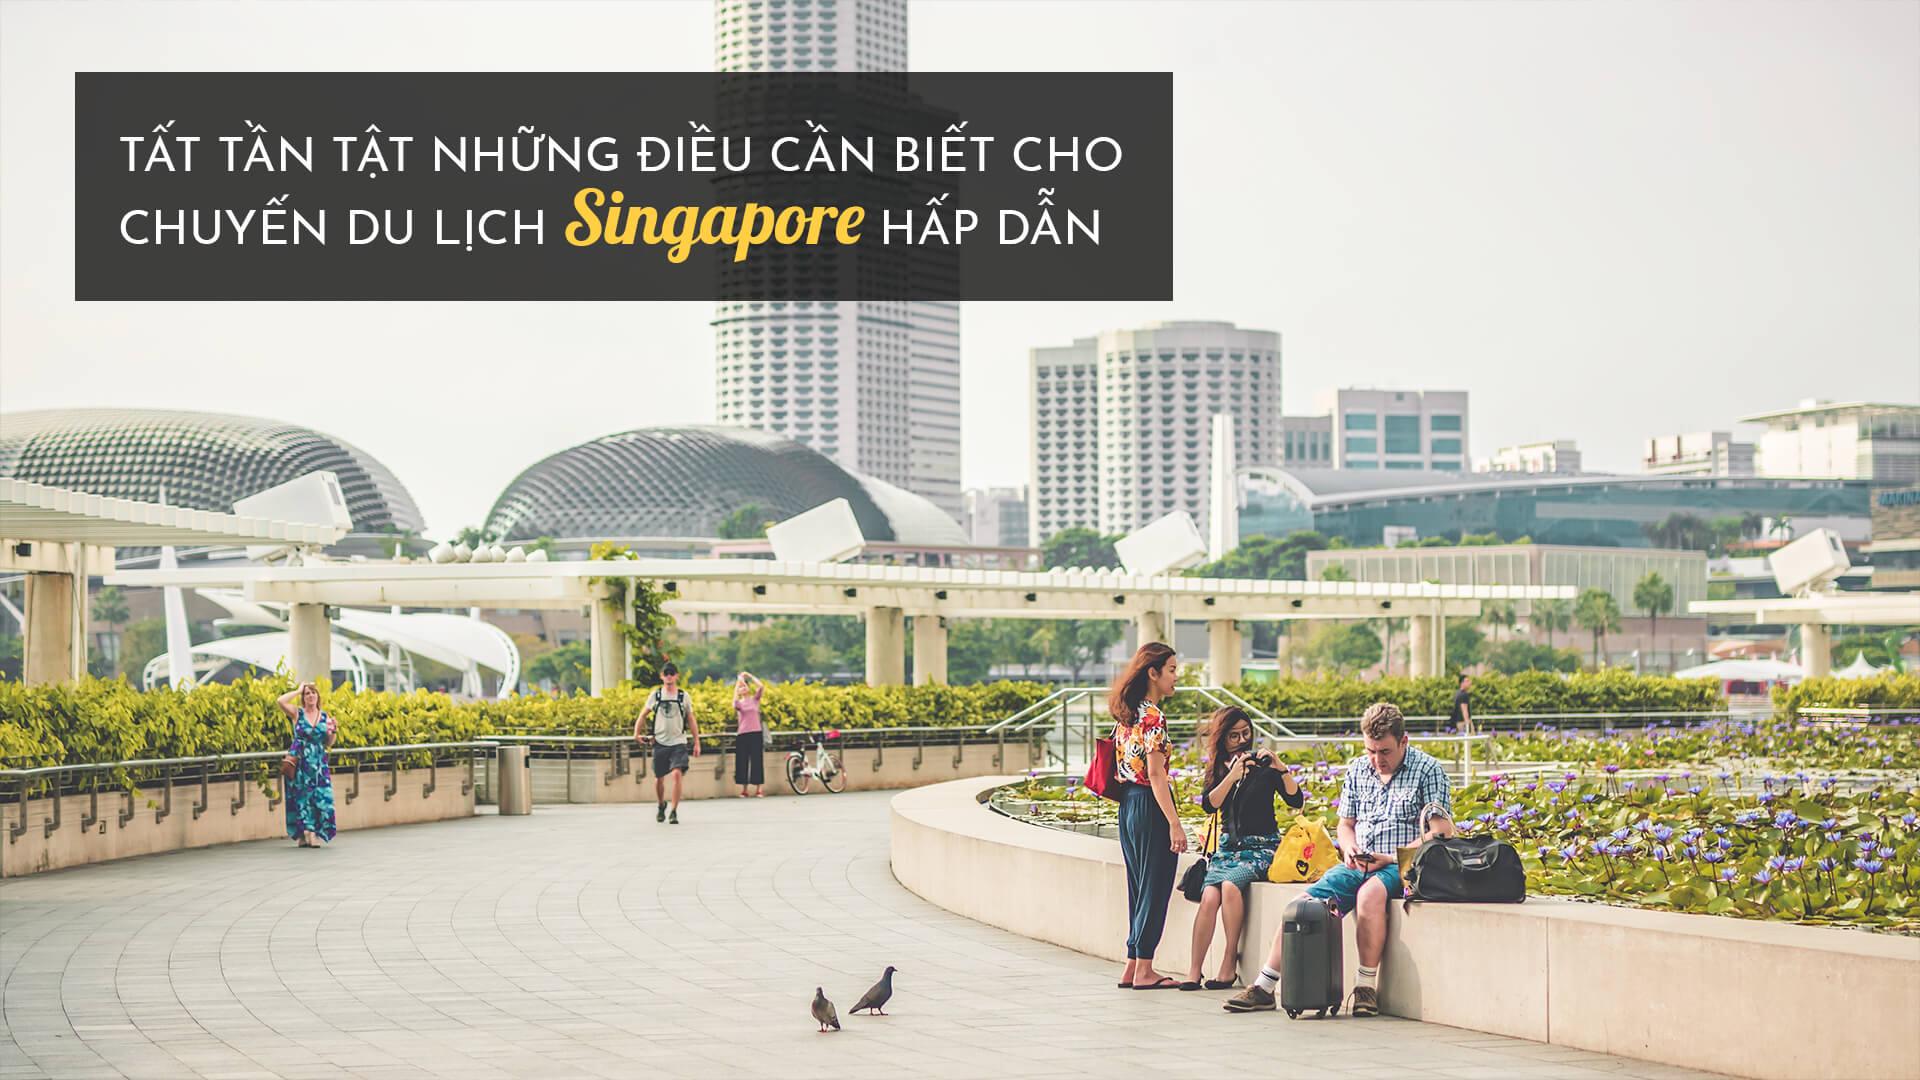 Tất tần tật những điều cần biết cho chuyến du lịch Singapore hấp dẫn